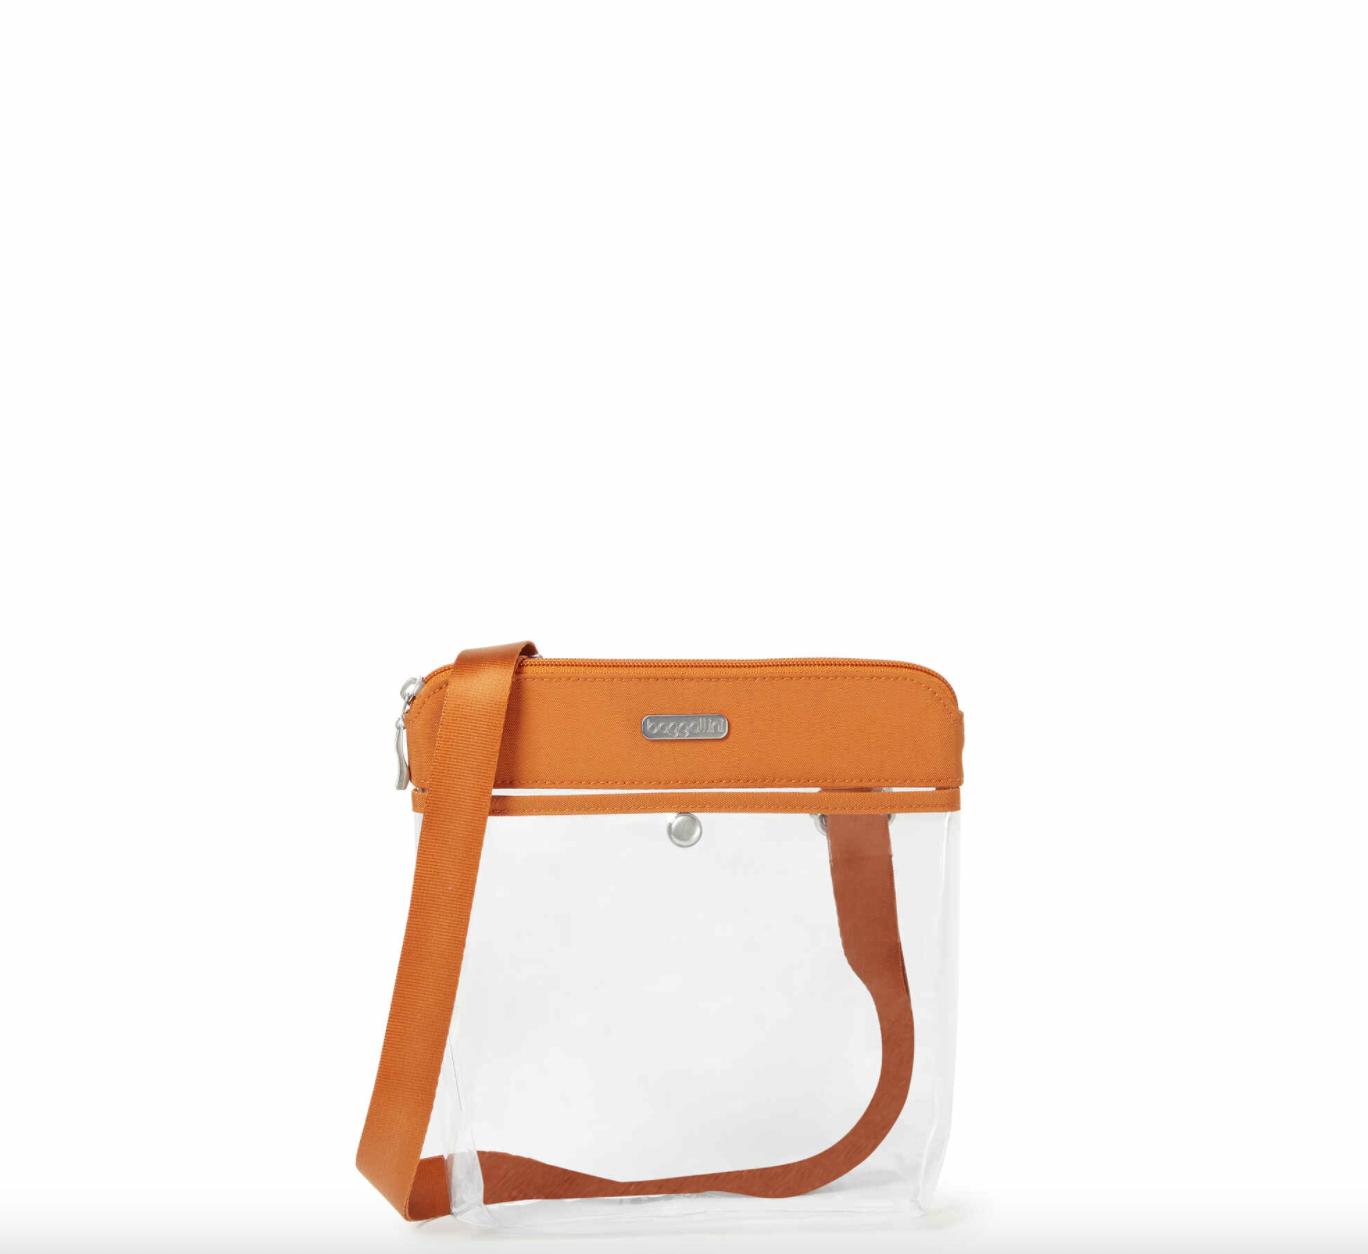 Baggallini Clear Pocket Crossbody Bag